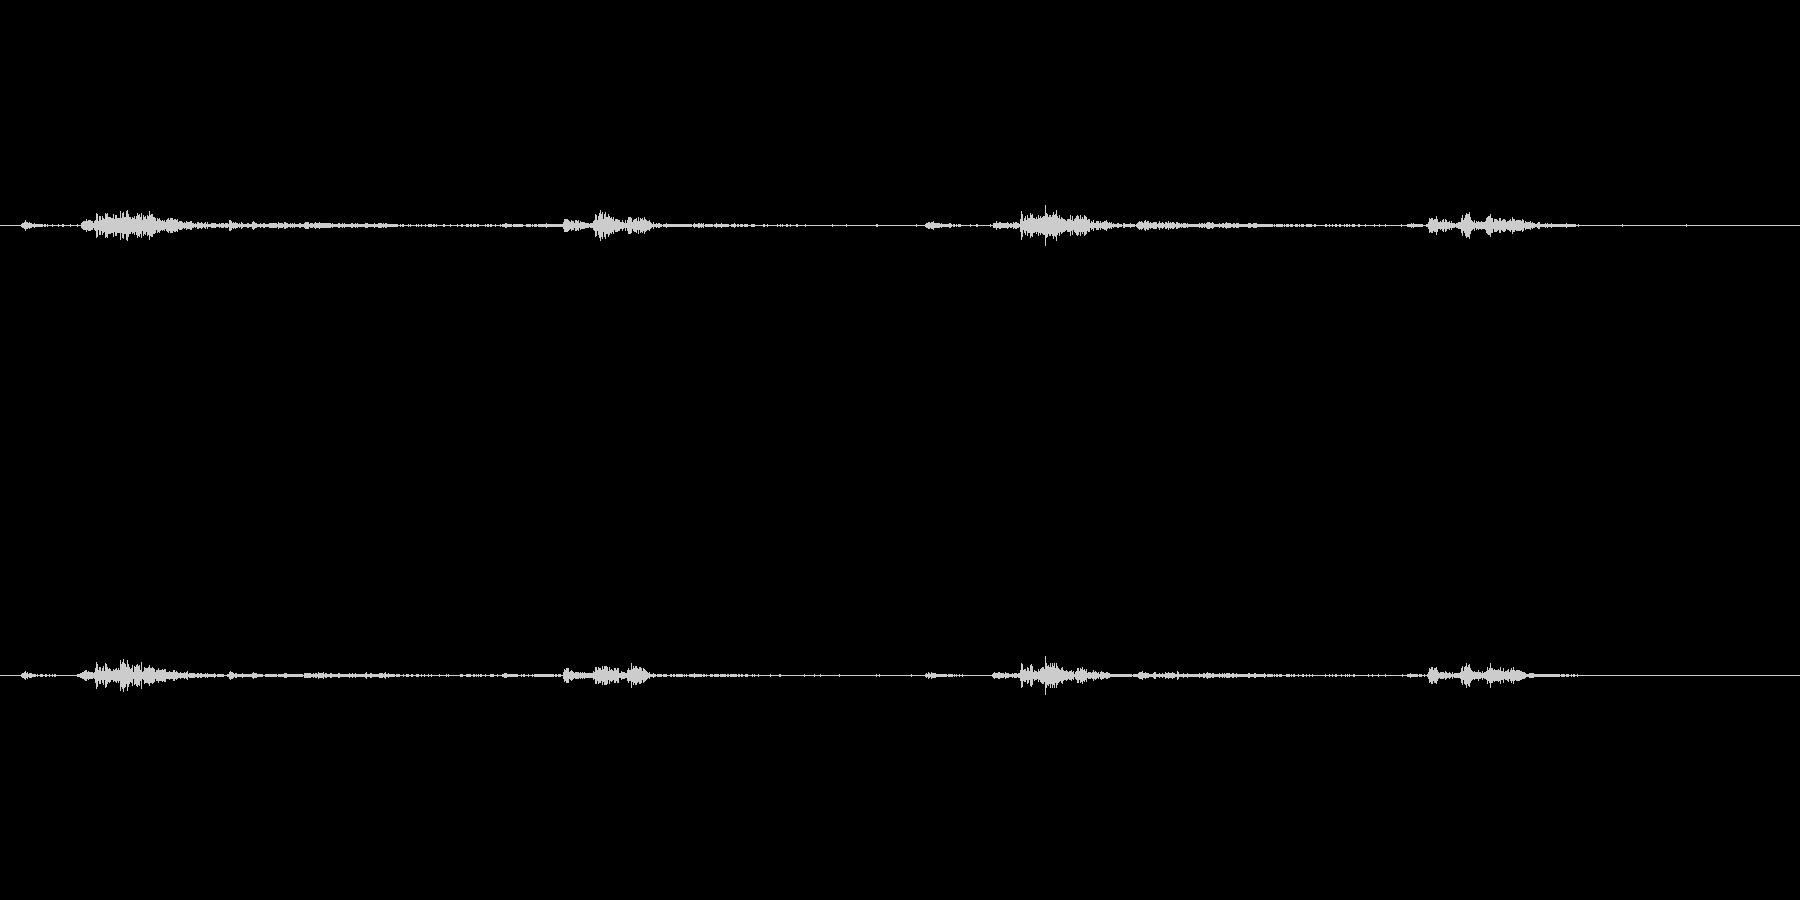 マントル時計のカチカチ音(短い)の未再生の波形